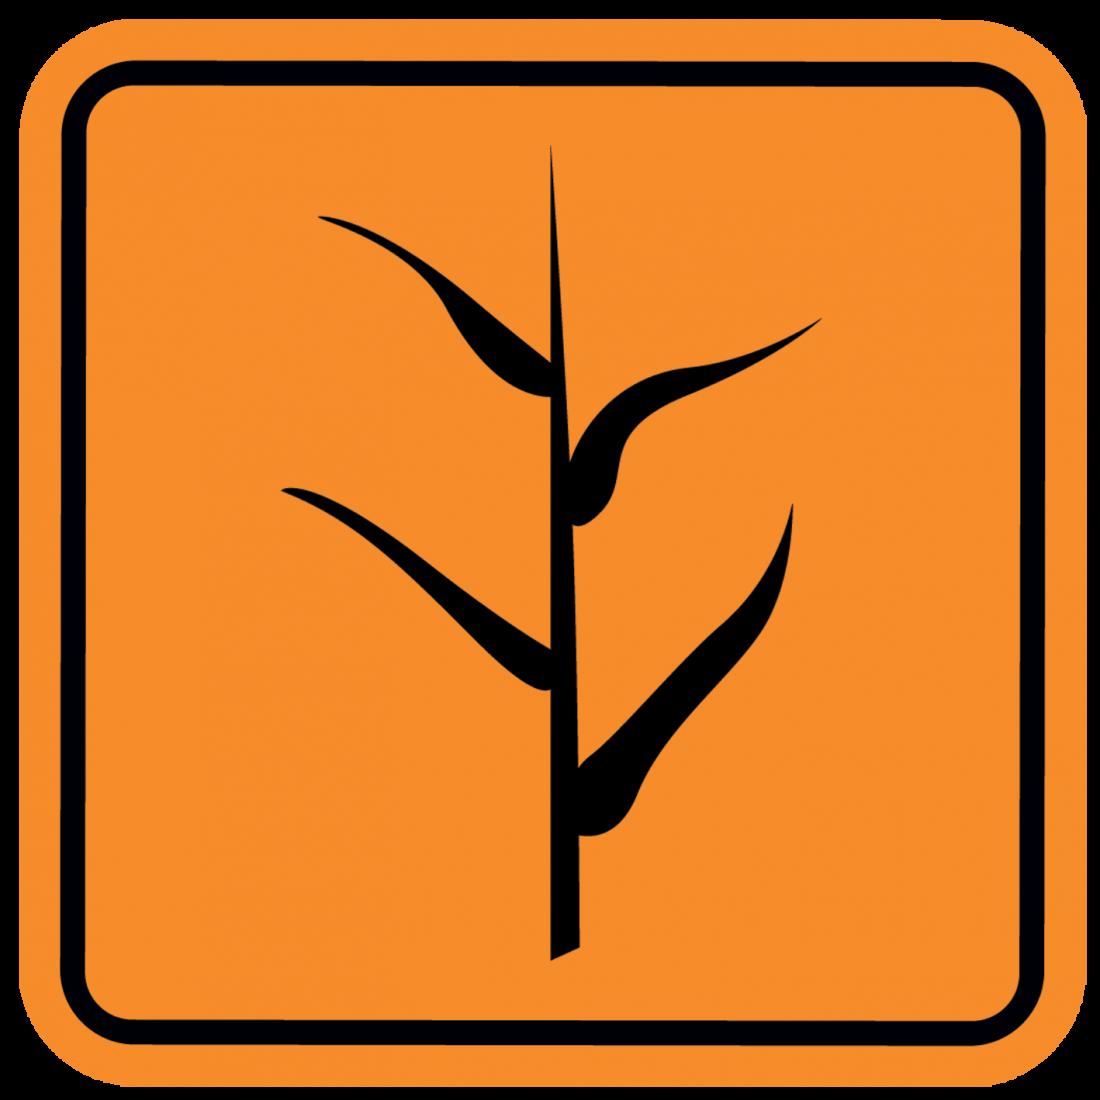 plant danger sign